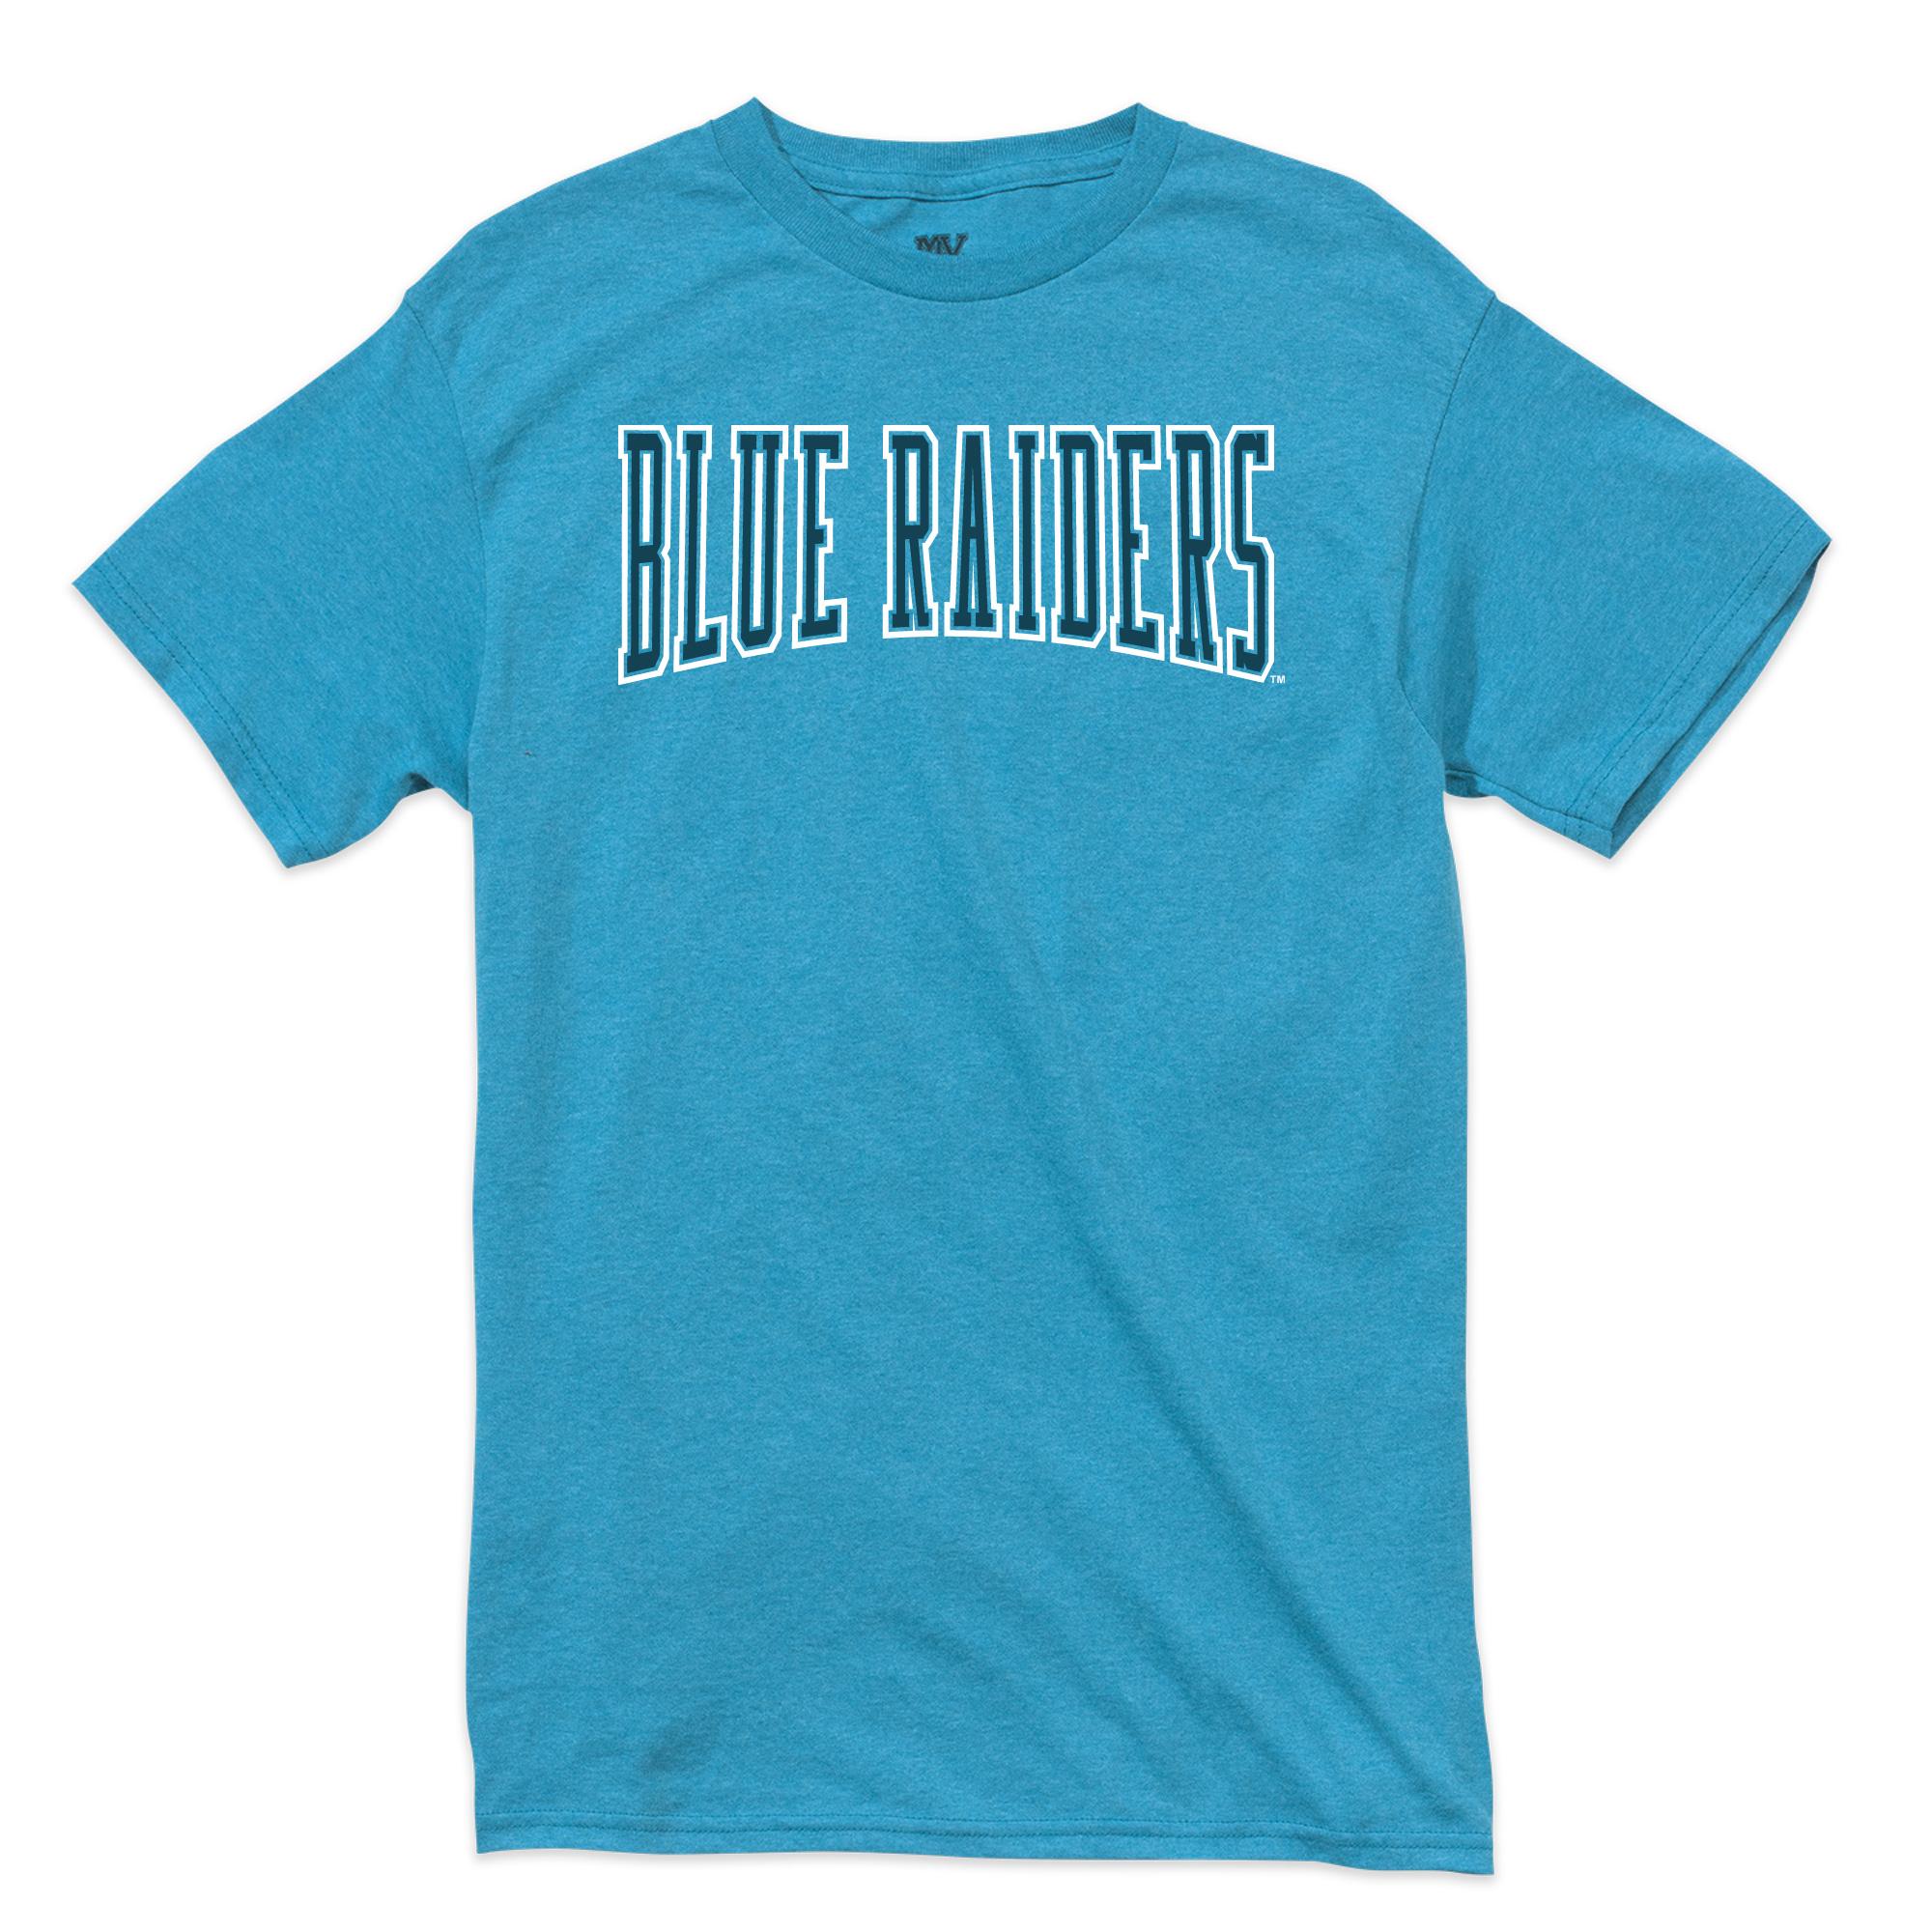 Blue Raiders Tonal Retro Heathered Tshirt